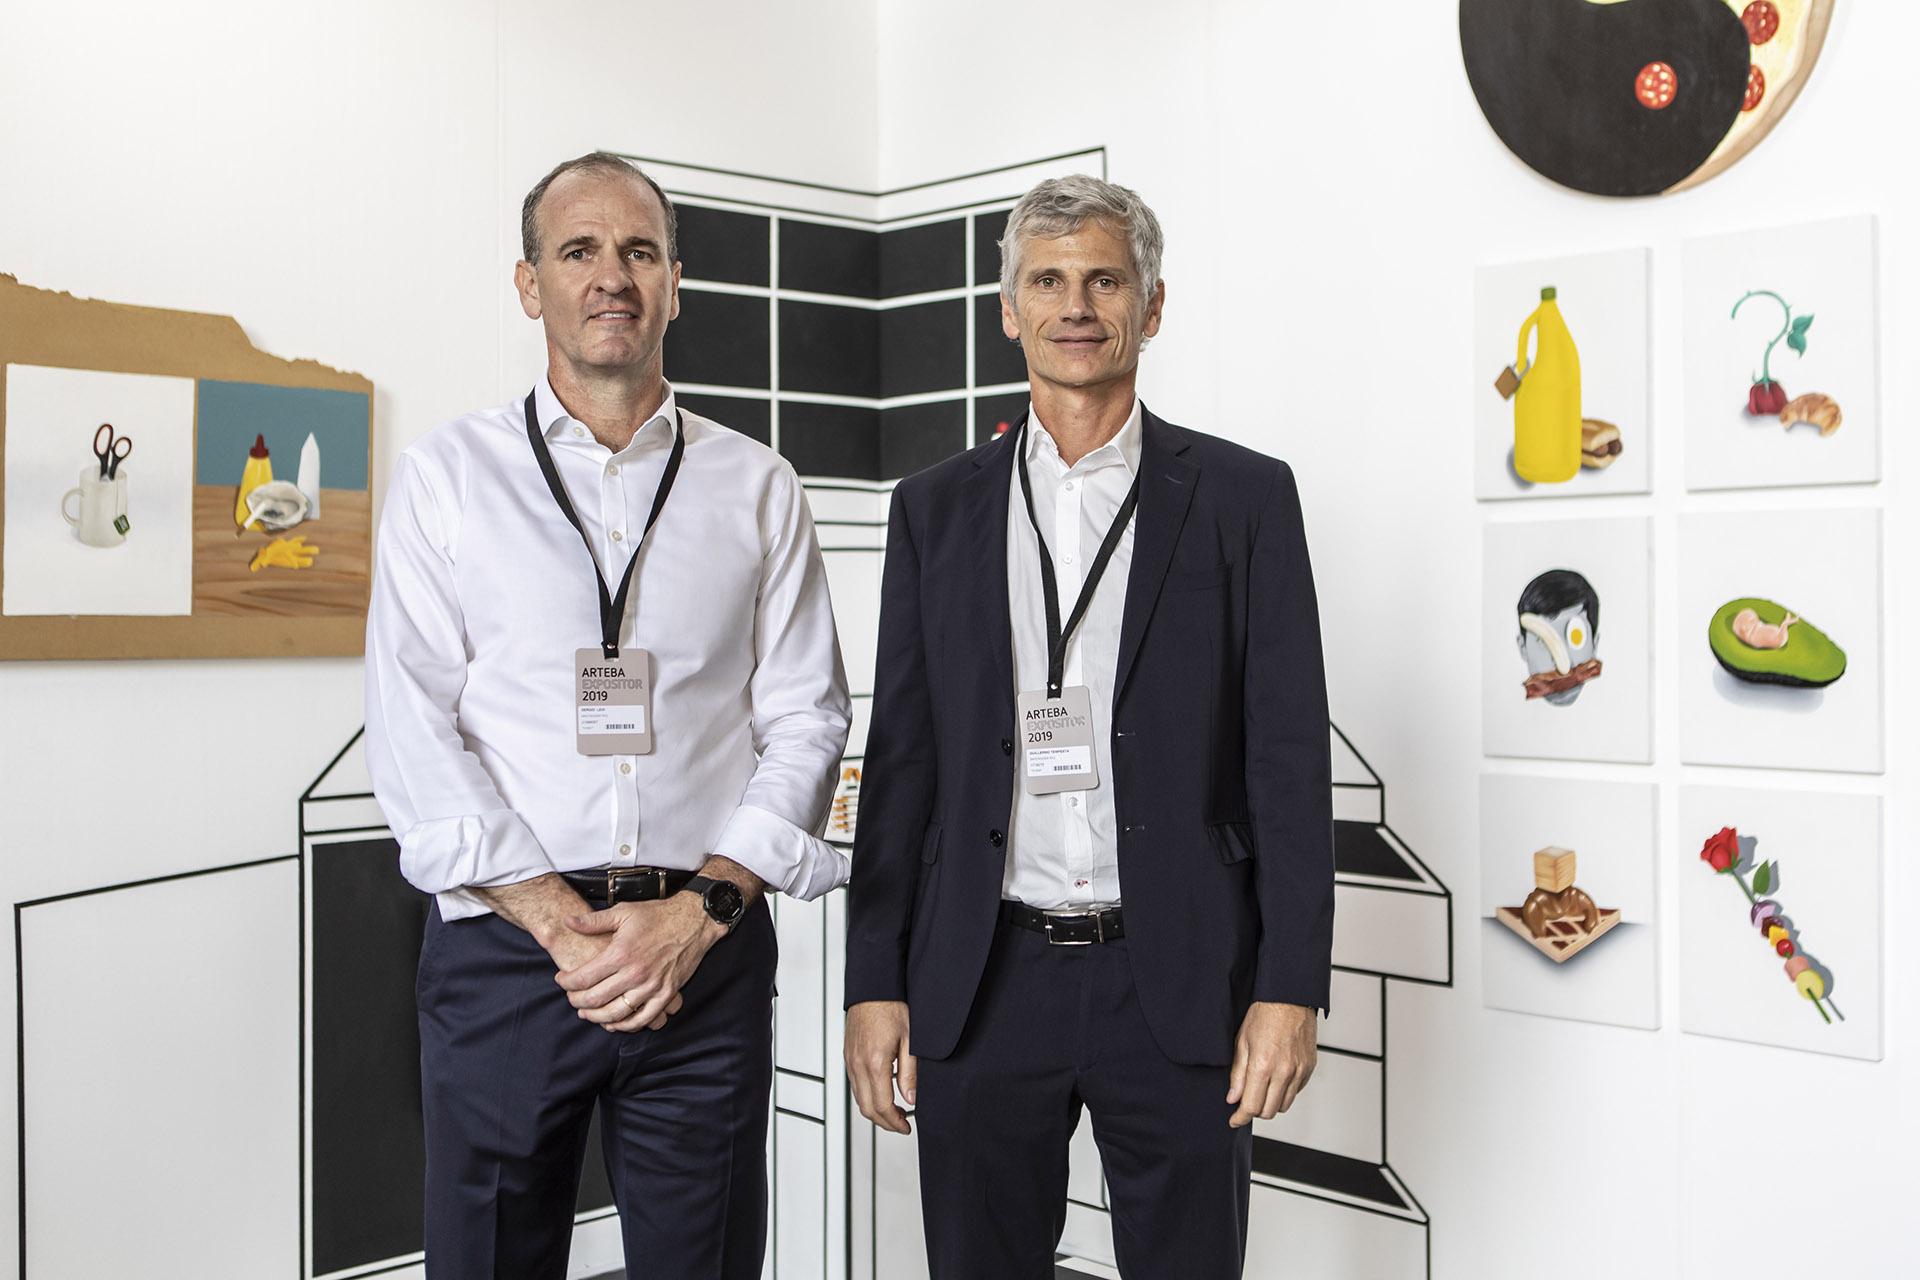 Sergio Lew (CEO Santander Rïo) y Guillermo Tempesta (Vicepresidente Santander Río) durante una recorrida en la muestra.